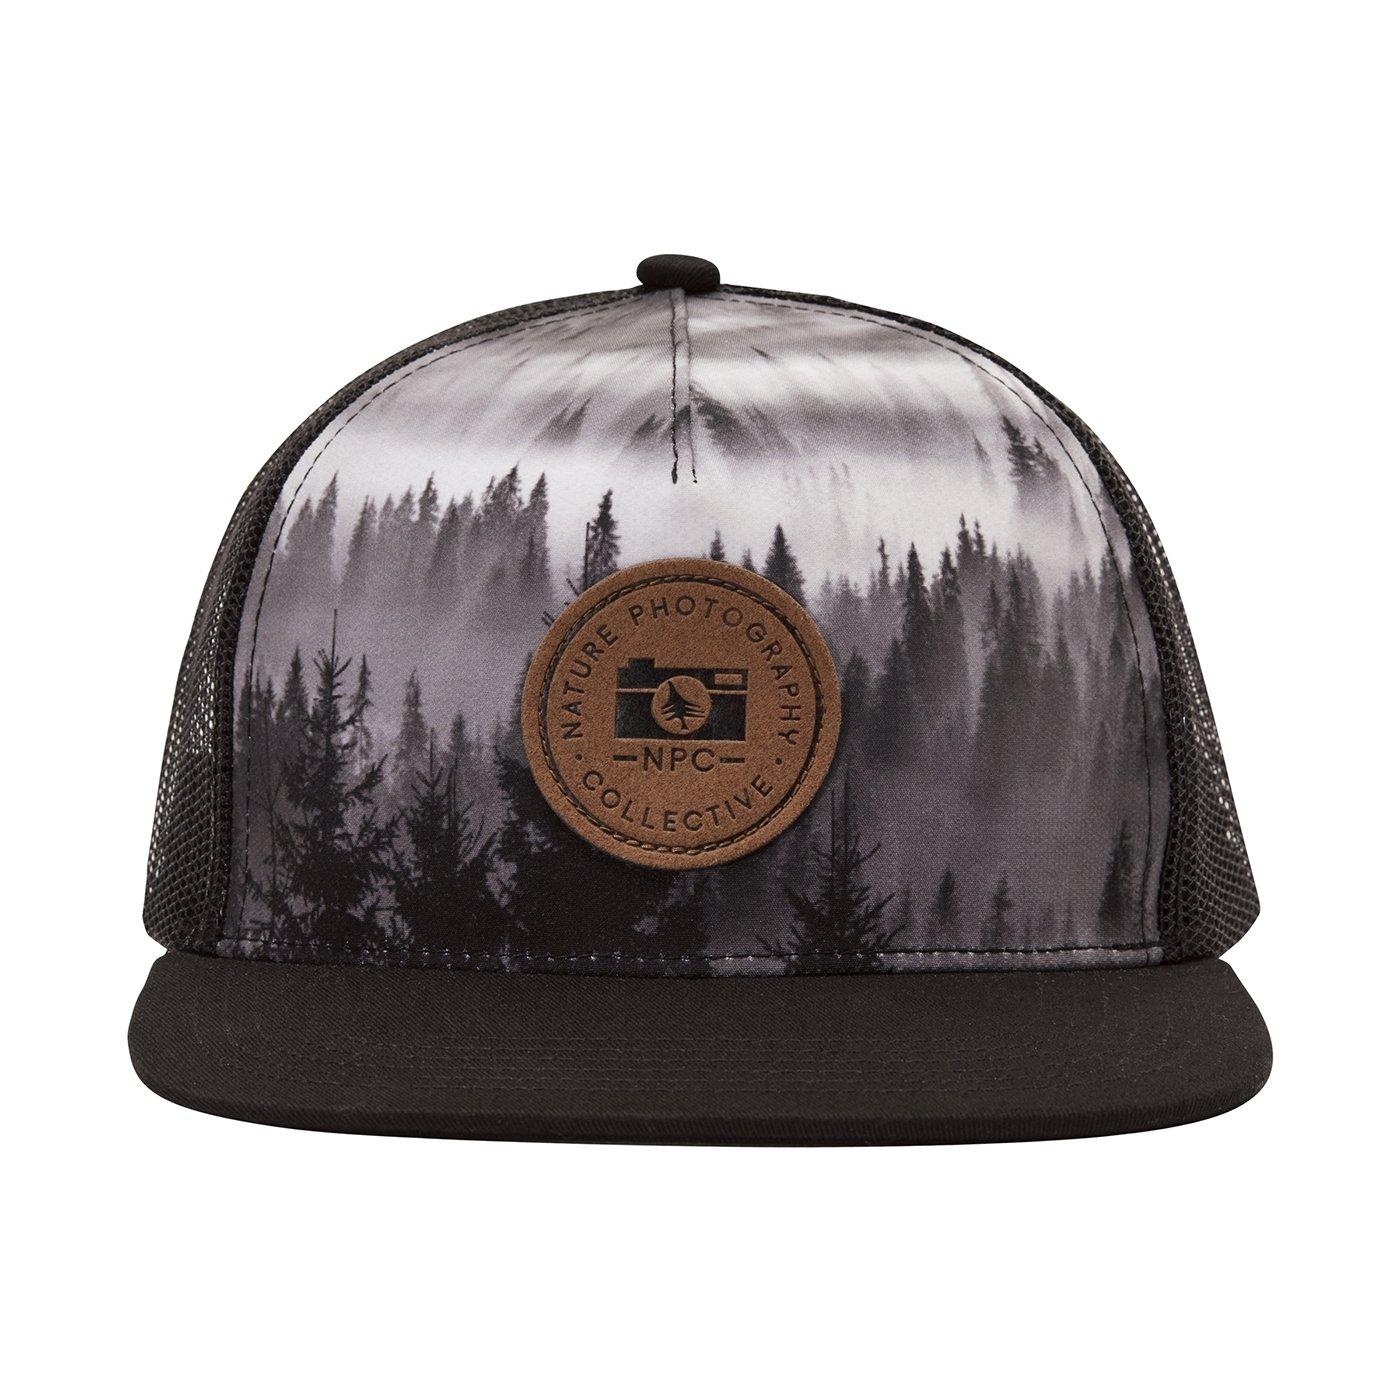 96ec935a882dce Hats